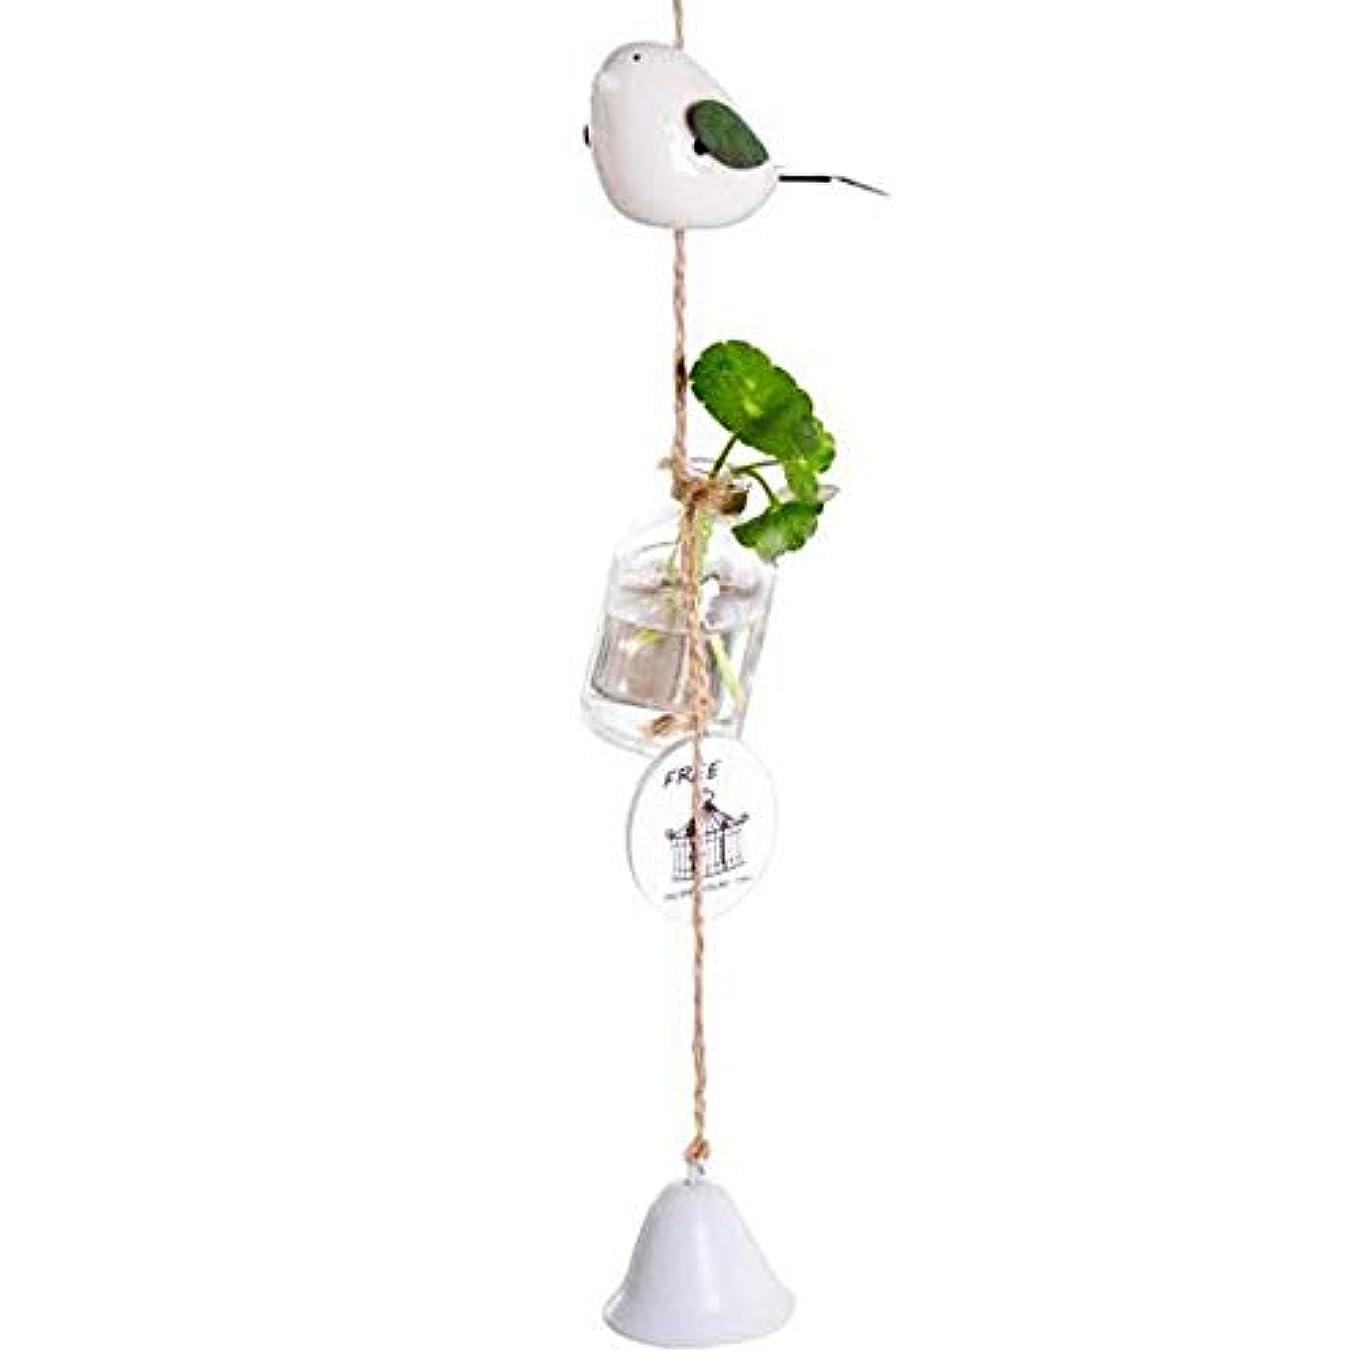 ブローホール練る原子Youshangshipin 風チャイム、クリエイティブ?グラス風チャイム、白、ロープの長さ63センチメートルボトル(なし植物),美しいギフトボックス (Color : White)